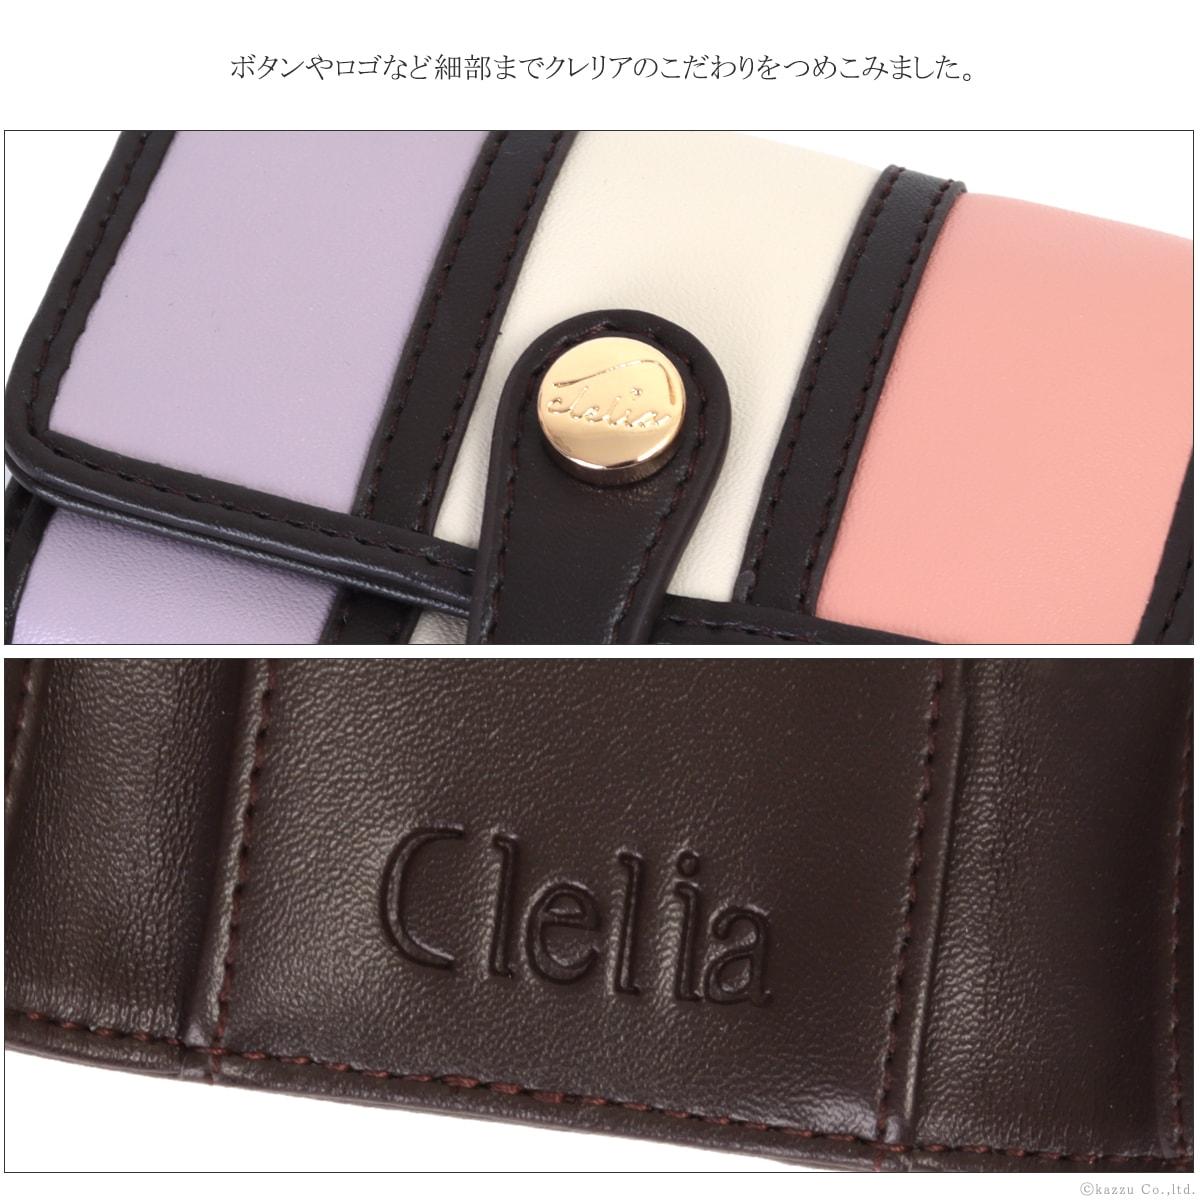 Clelia6連カードポケット付きキーケース